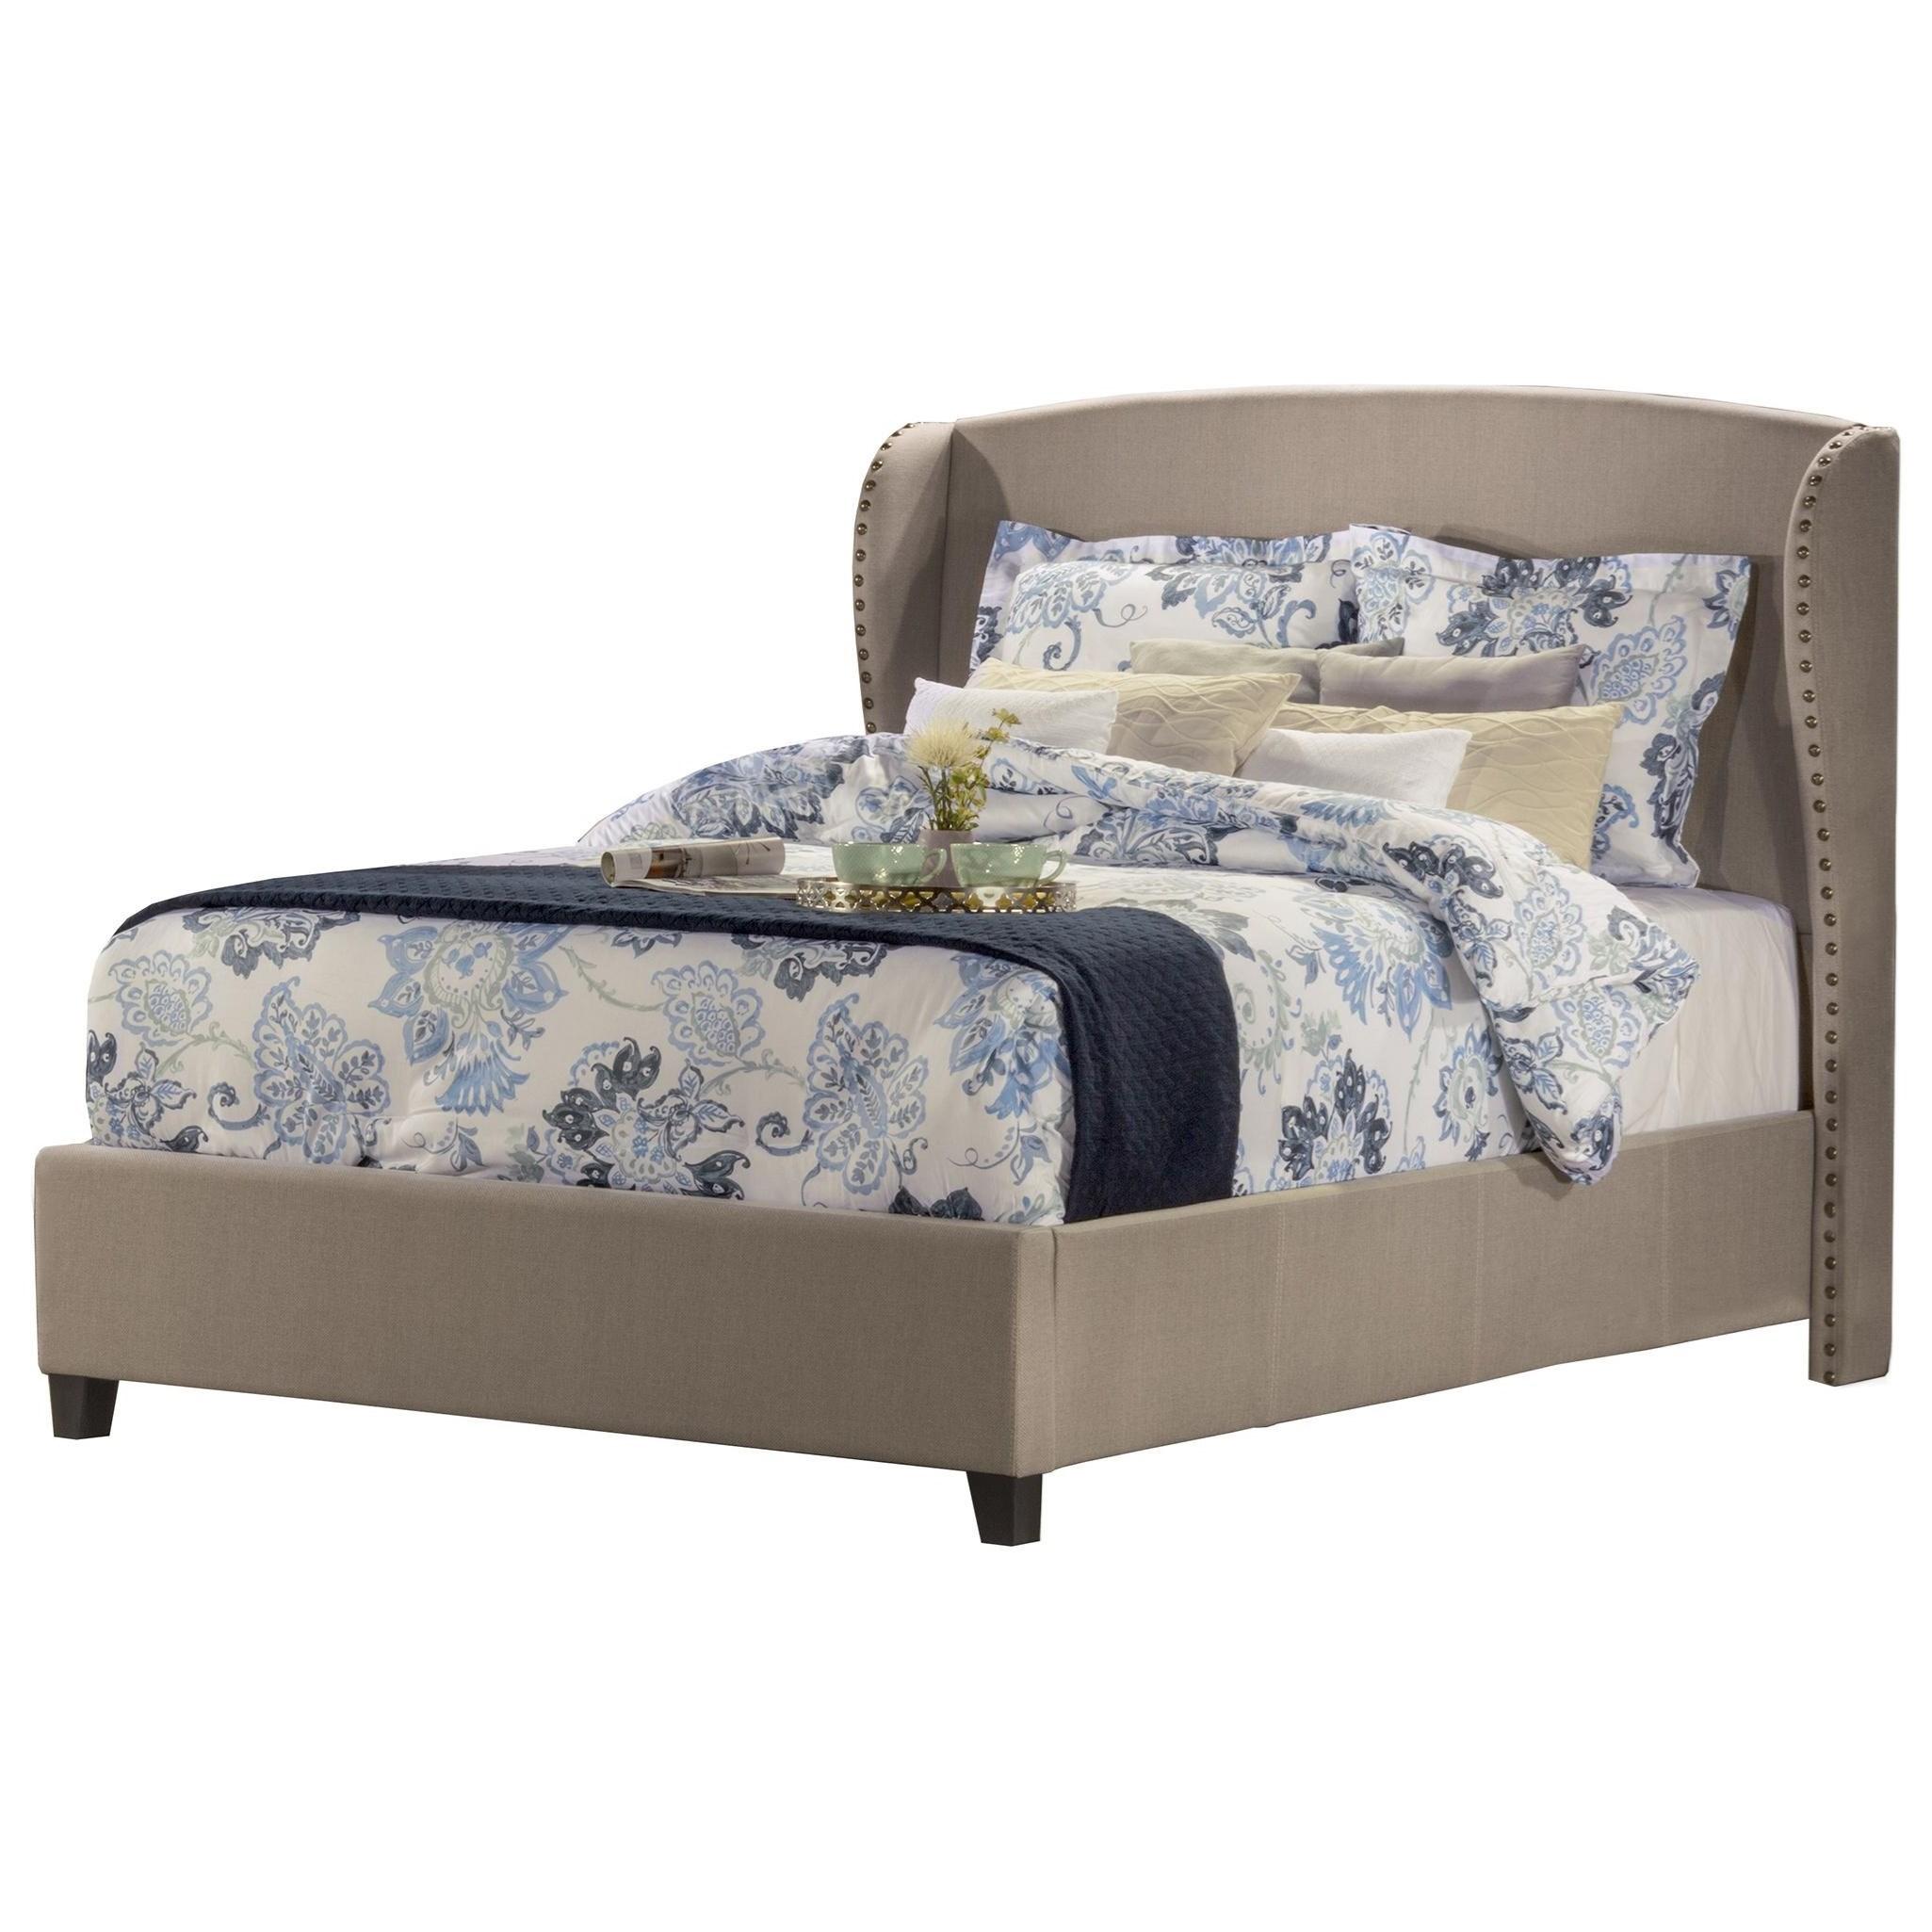 Hillsdale Upholstered Beds Queen Bed Set - Item Number: 1930BQR